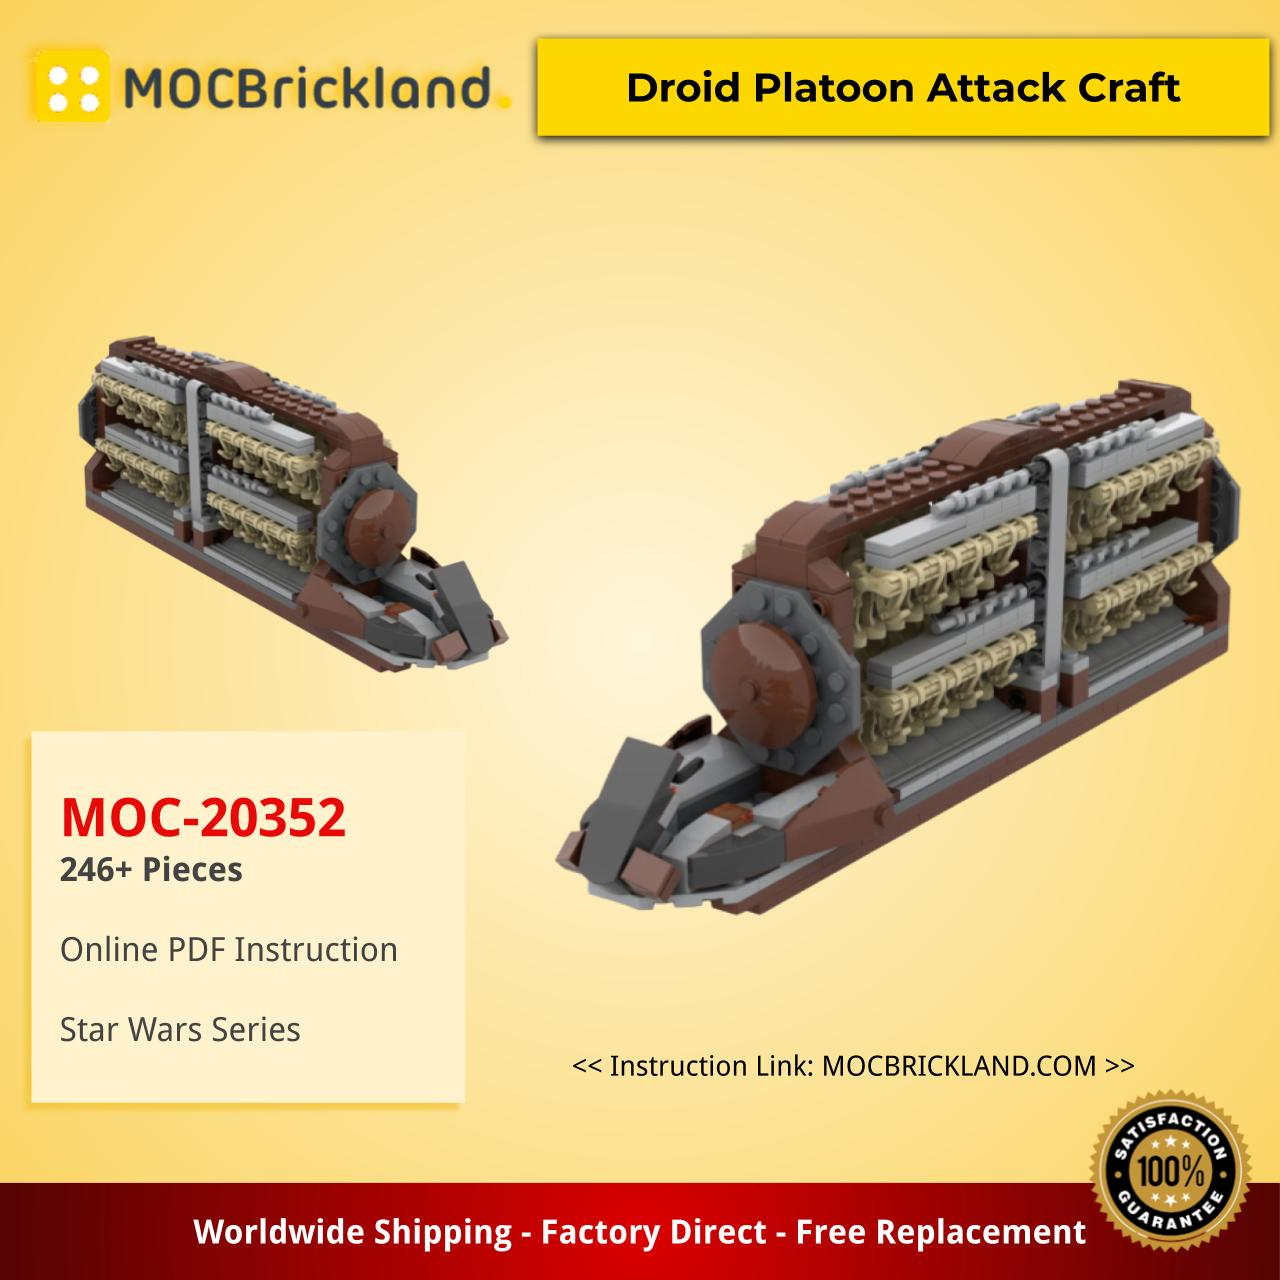 Star wars moc-20352 droid platoon attack craft by empirebricks mocbrickland